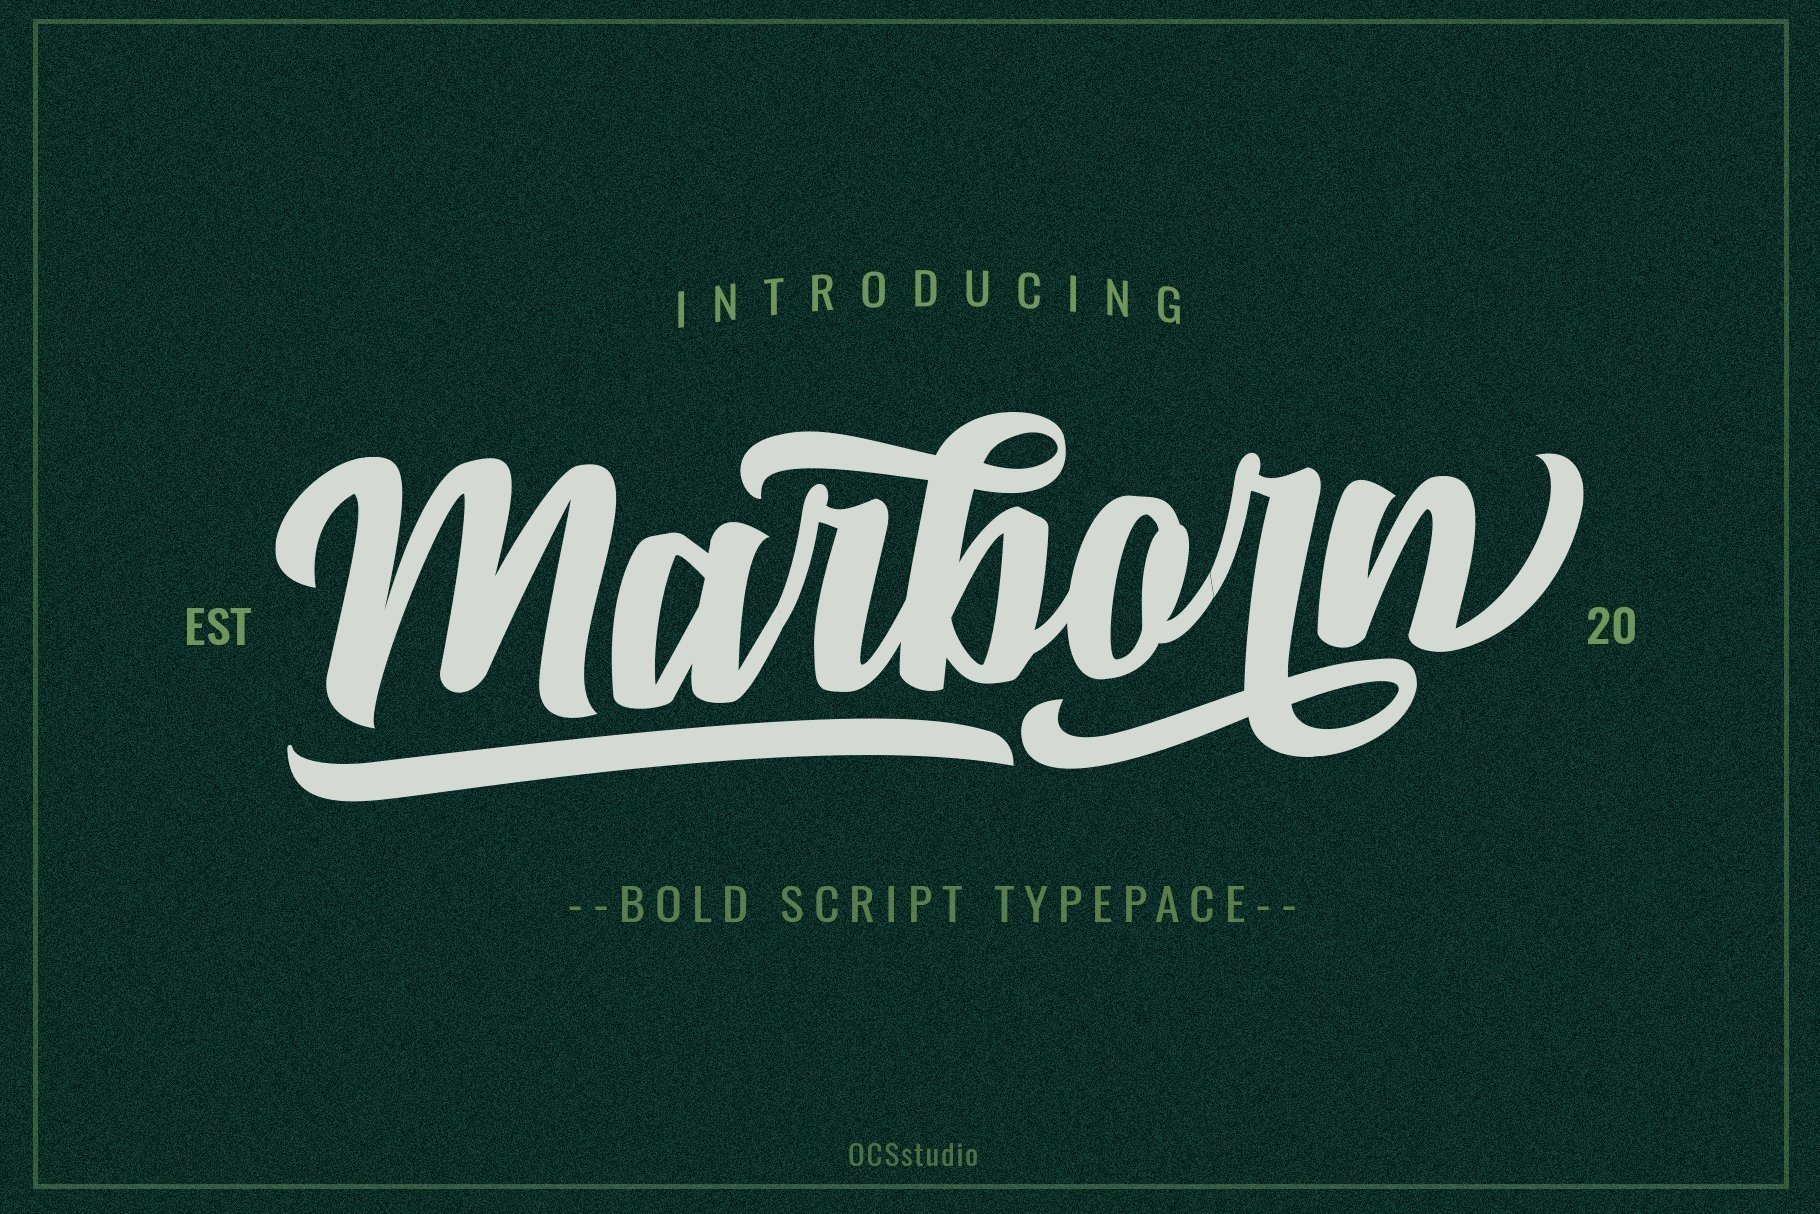 Marborn-Typeface